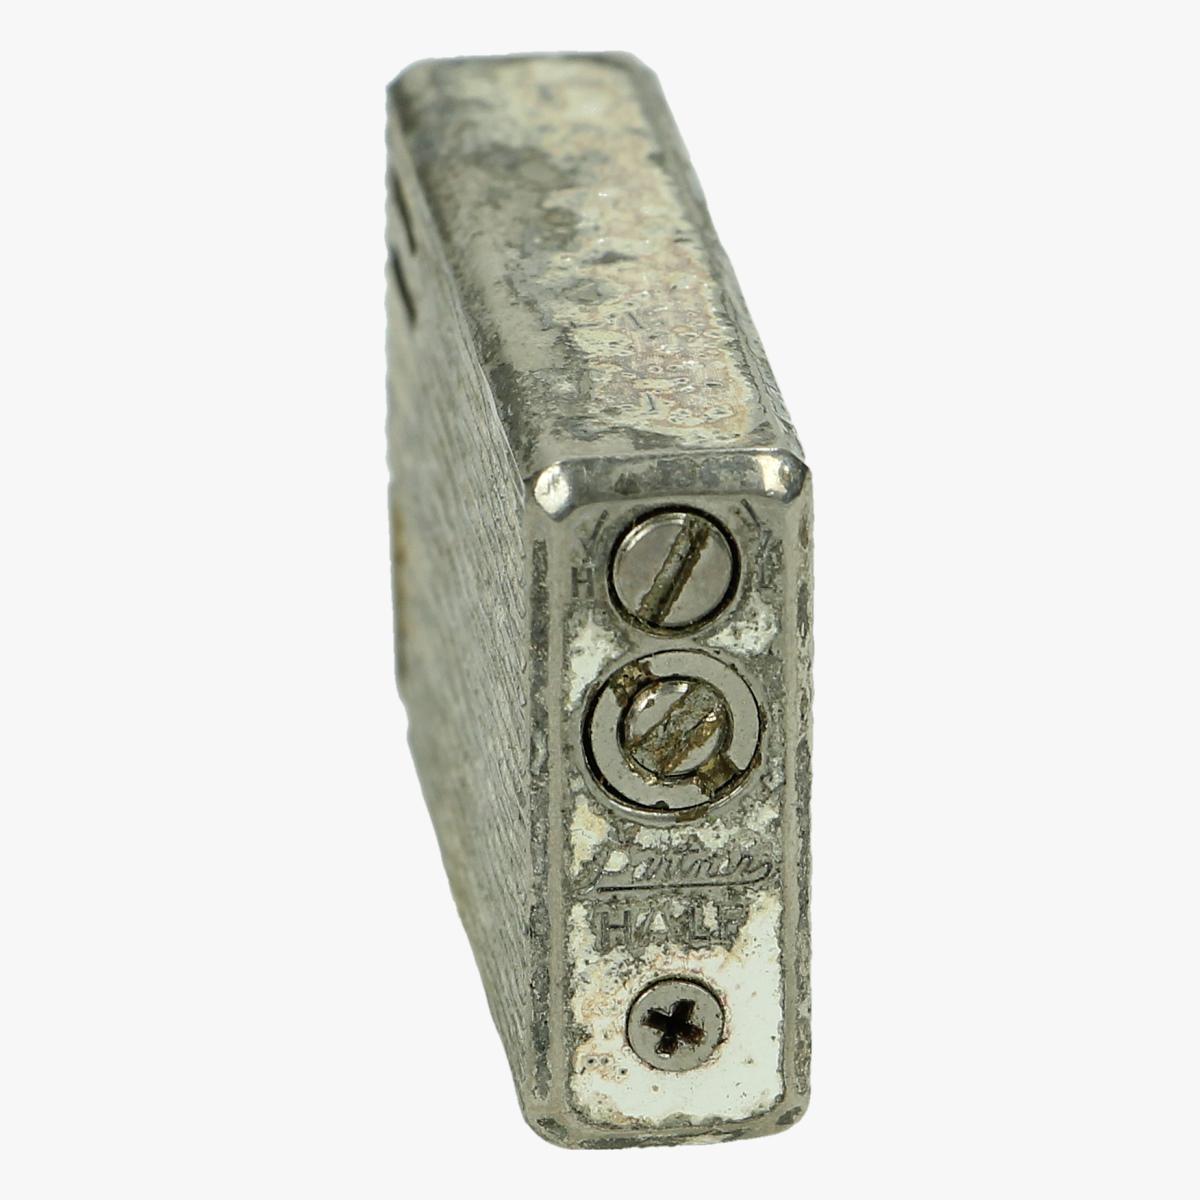 Afbeeldingen van oude aansteker patners half